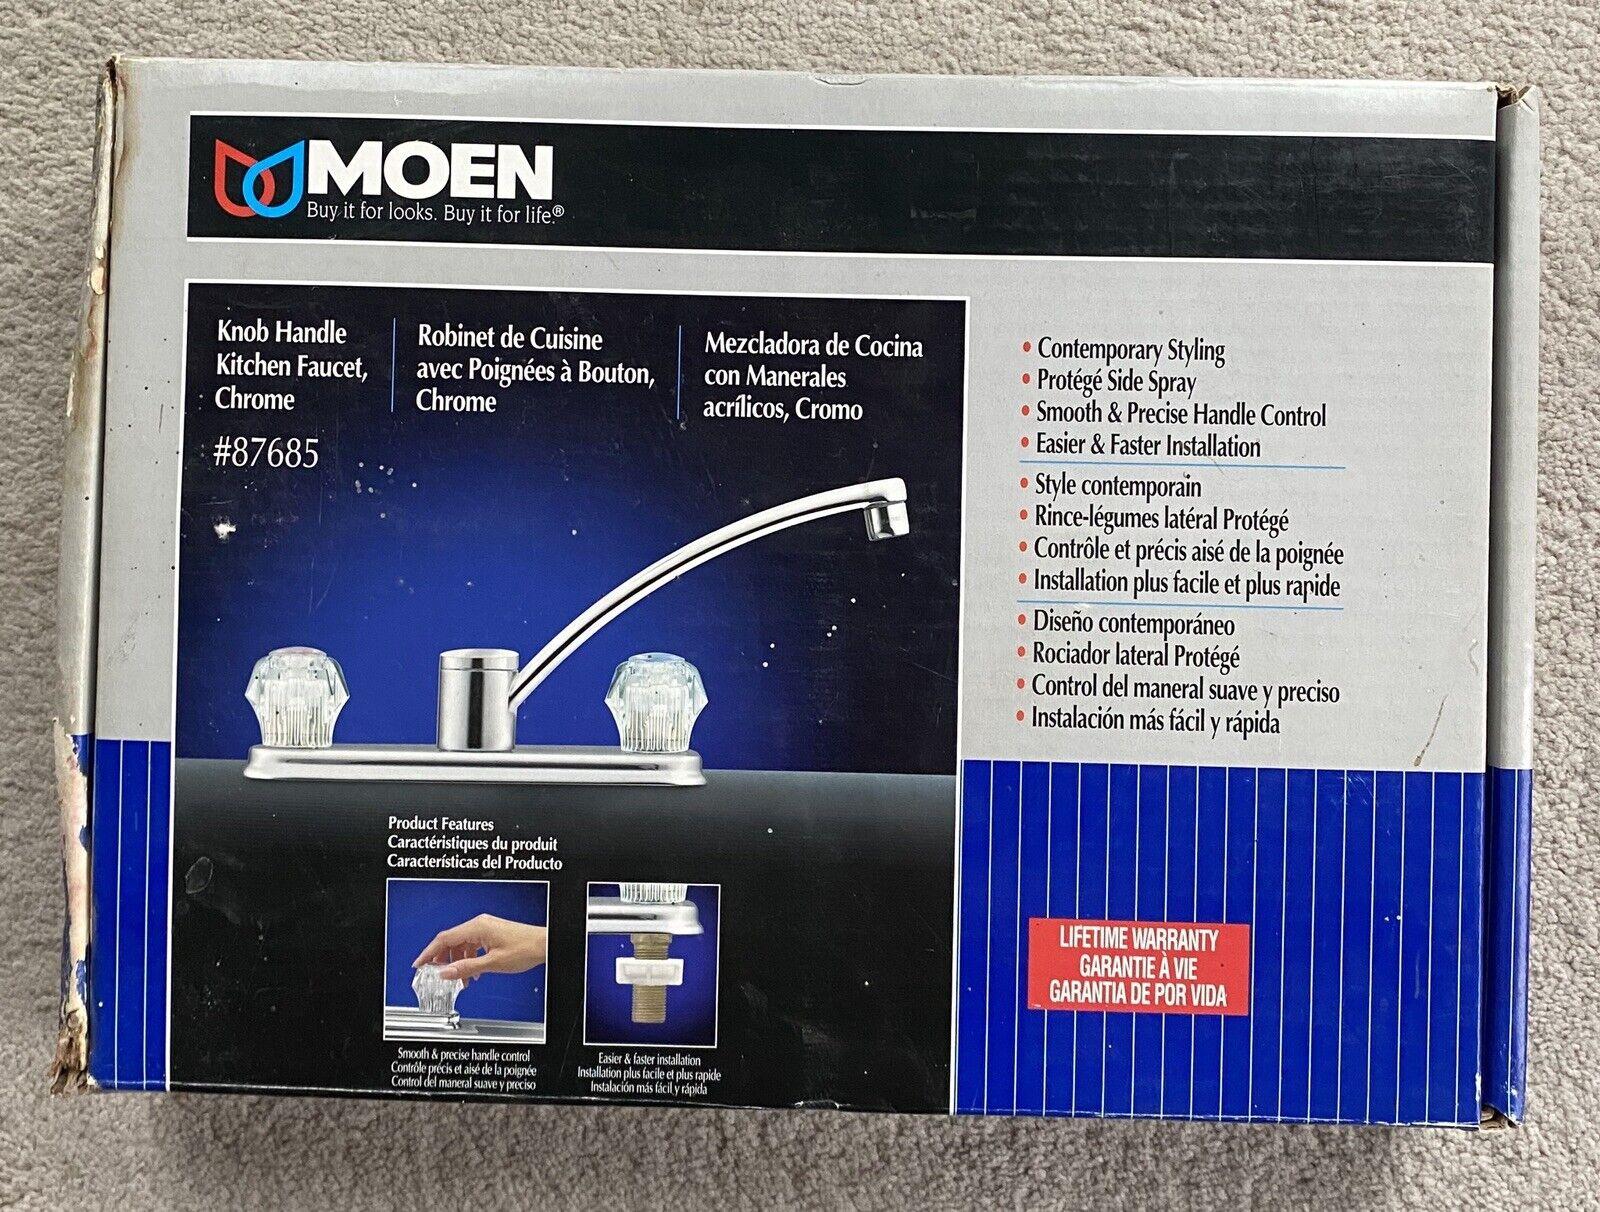 Moen 2 Knob Handle Kitchen Faucet Chrome 87685 Nos For Sale Online